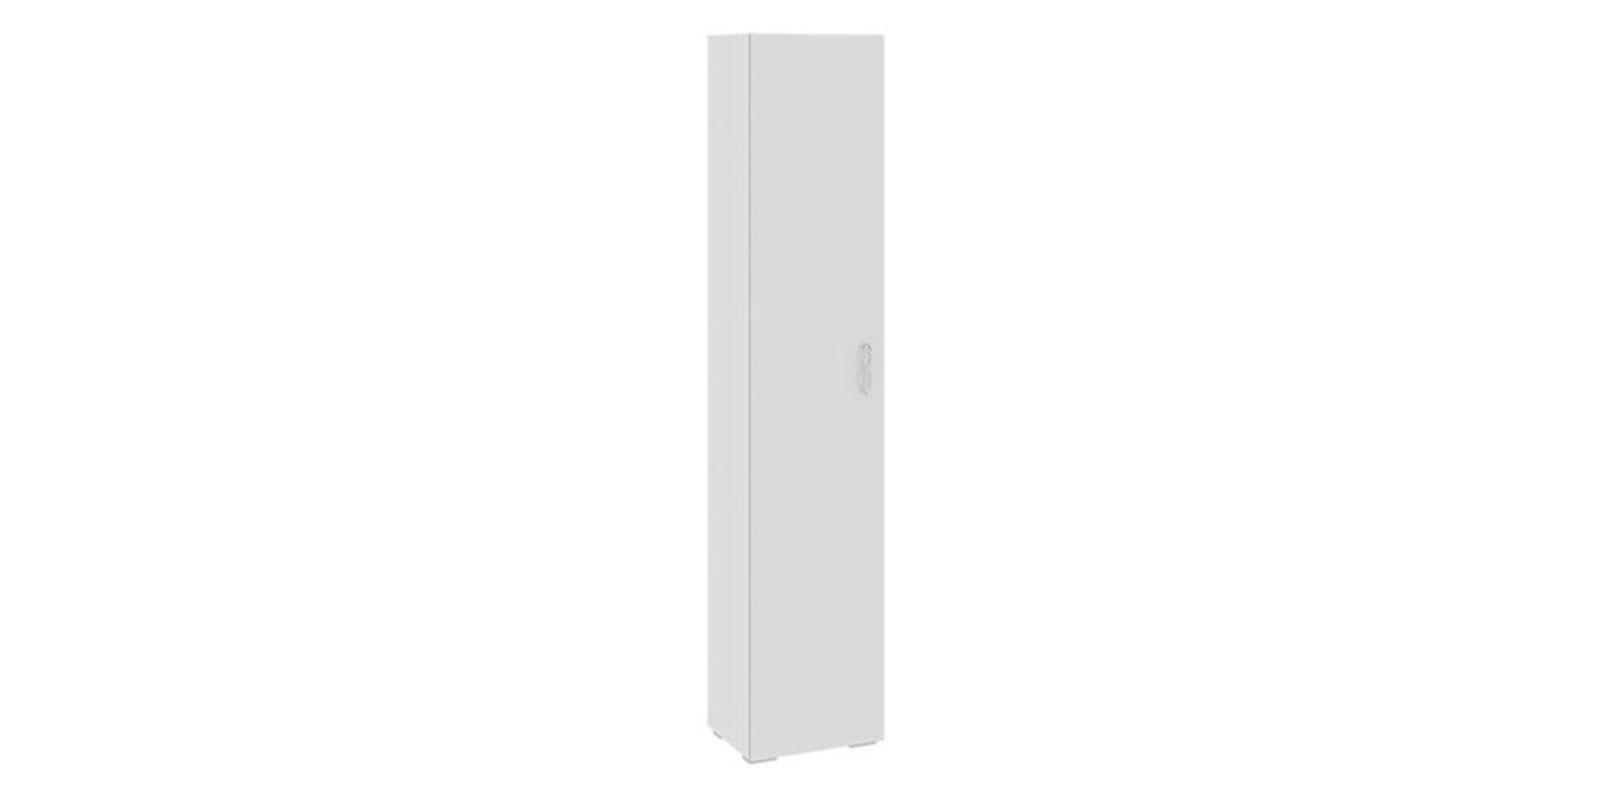 Шкаф распашной однодверный давос вариант 1 (белый матовый).